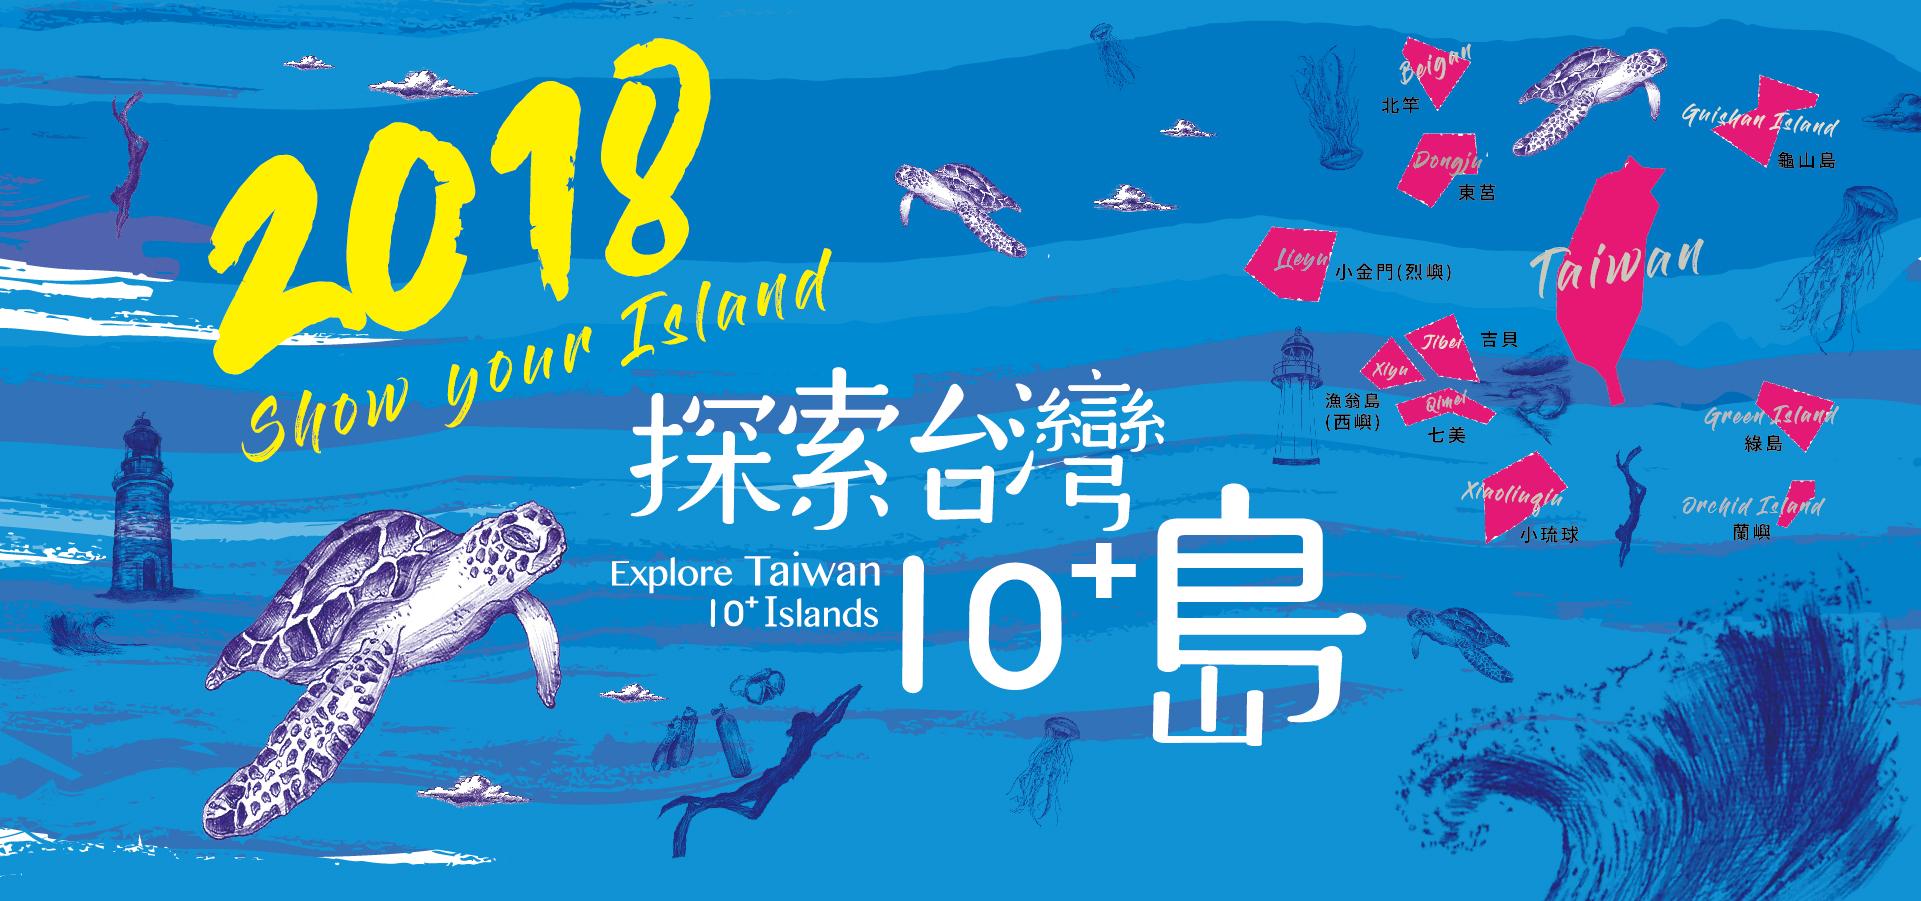 2018 探索台灣10+島